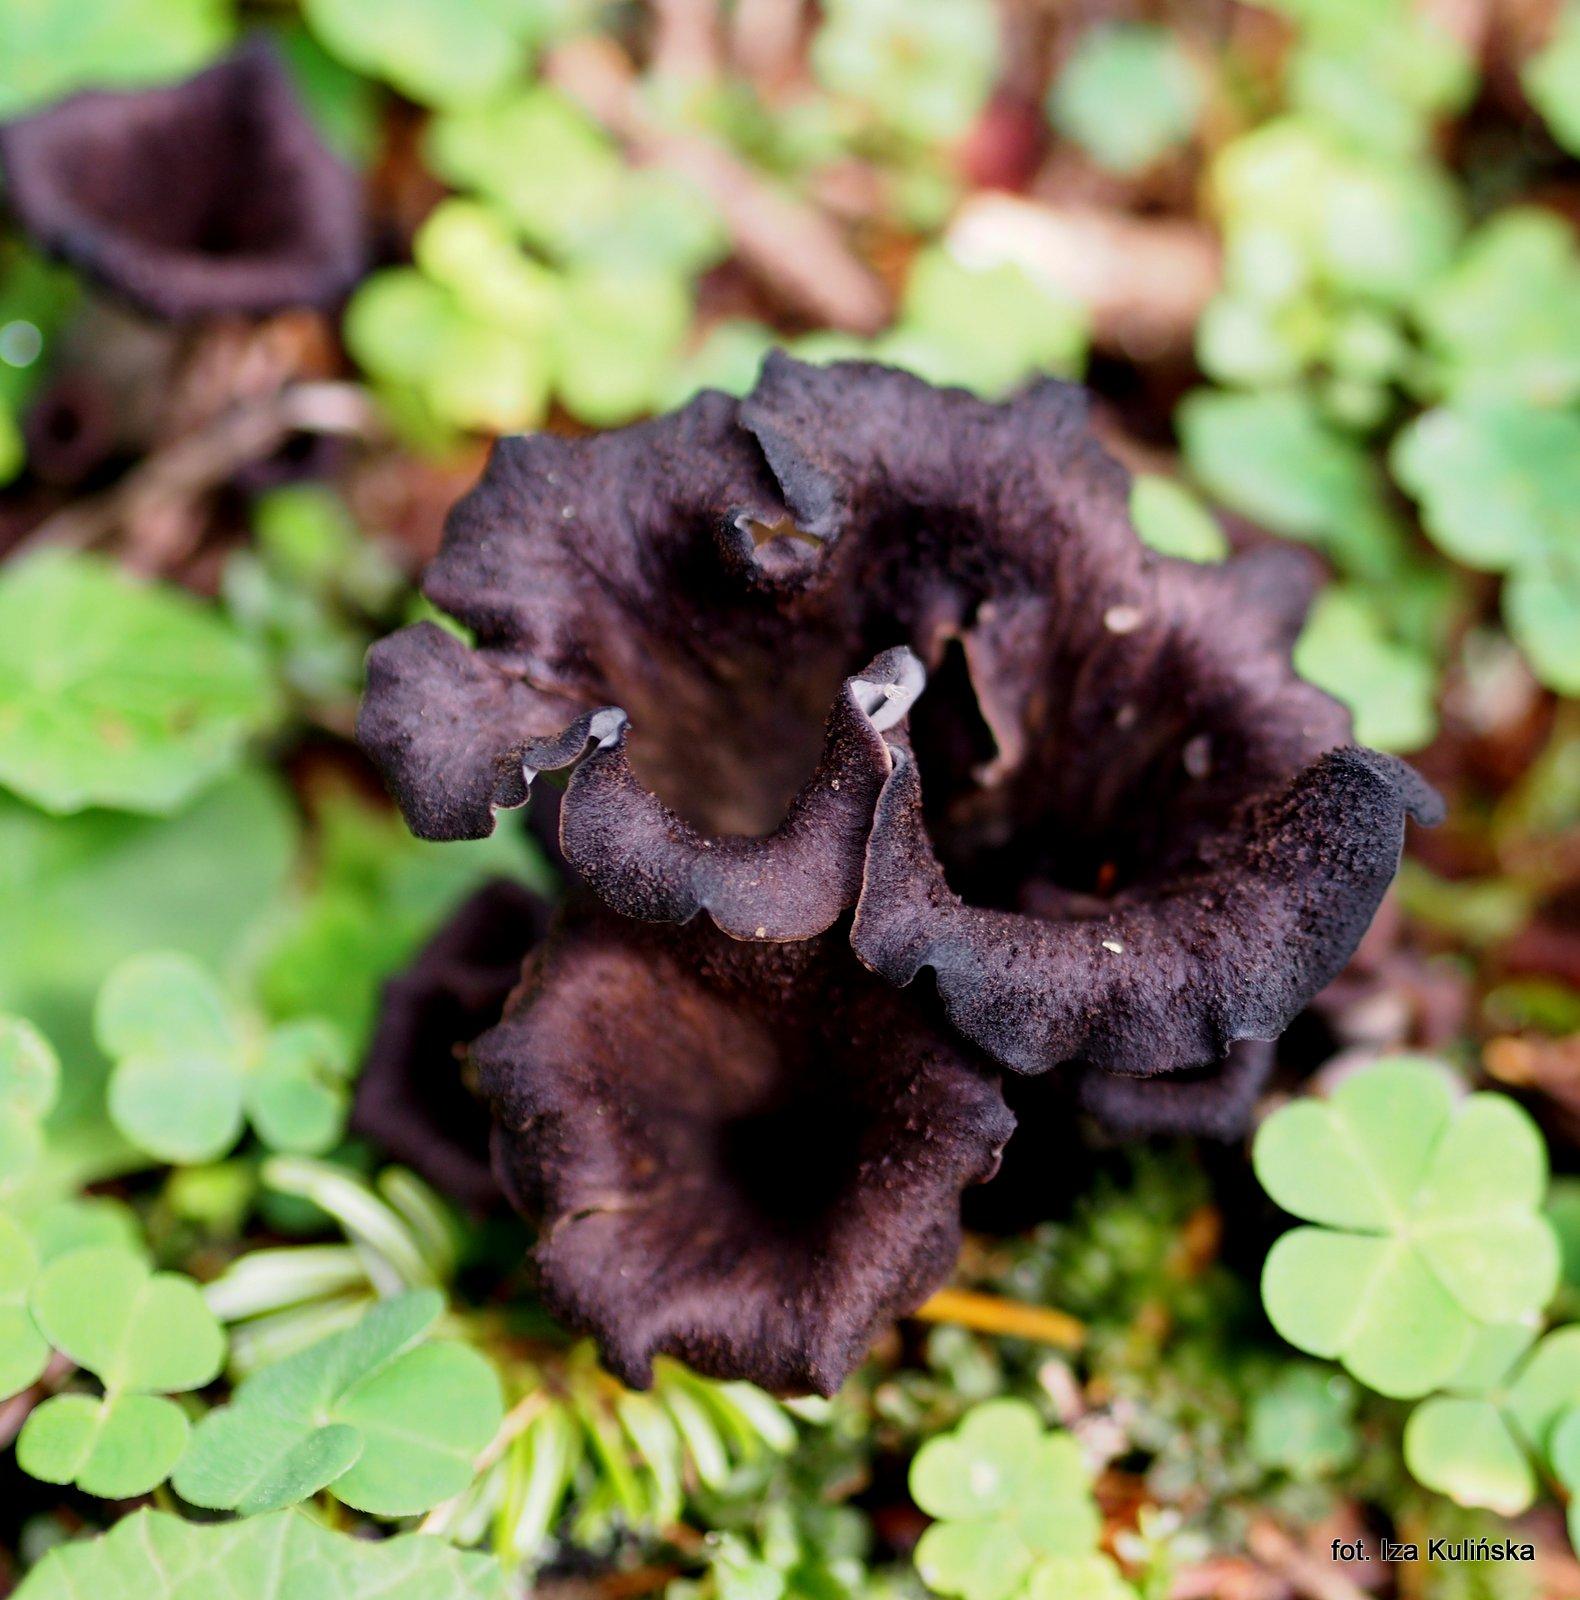 Duże czarne kurki rurki